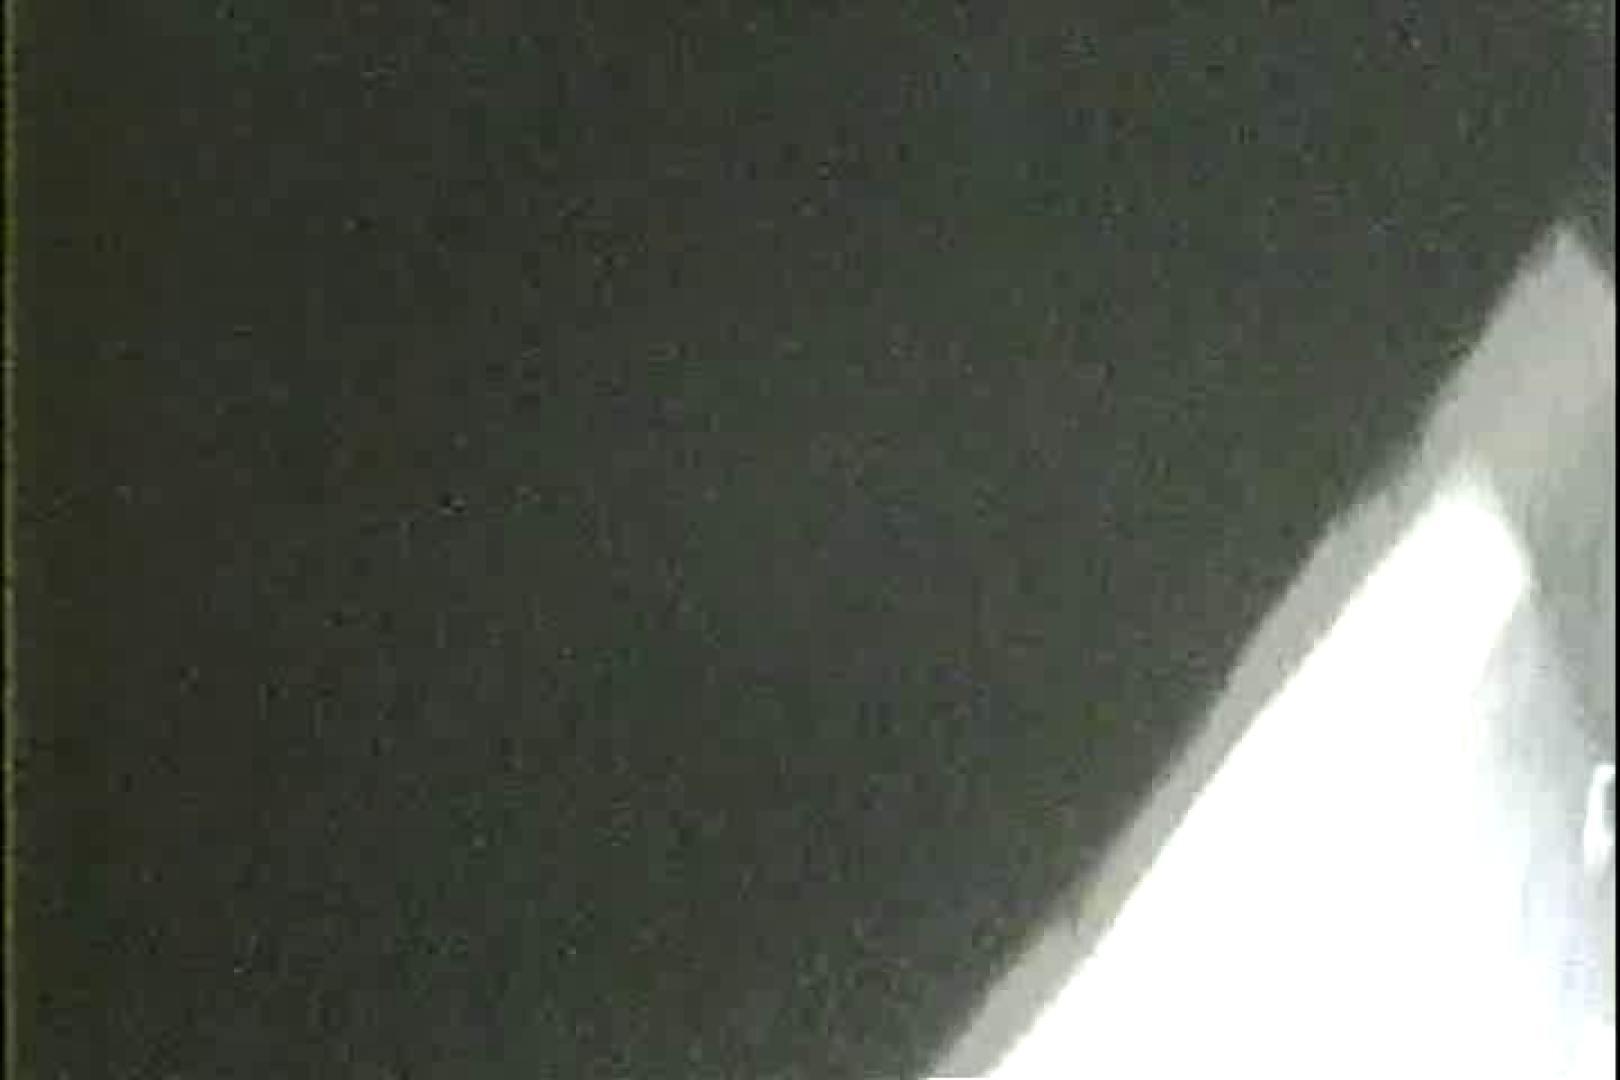 「ちくりん」さんのオリジナル未編集パンチラVol.5_02 パンチラ   チラ  76画像 13